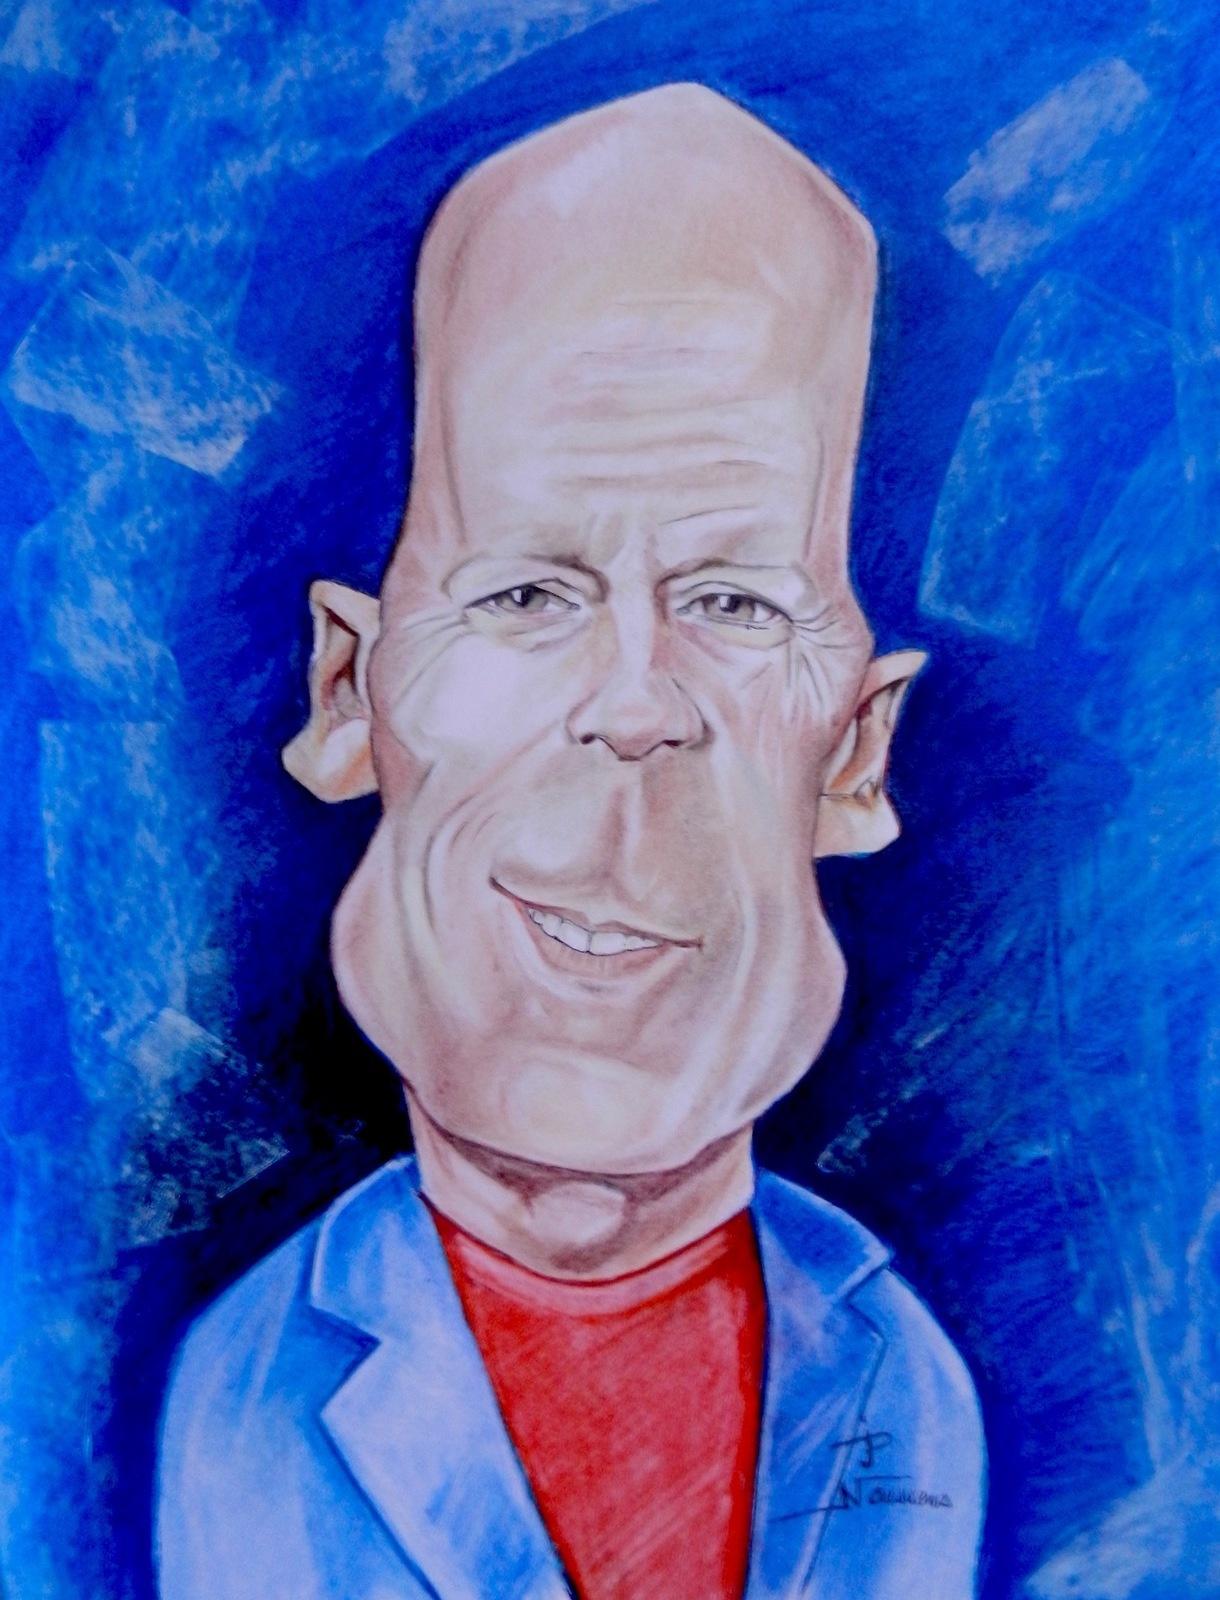 -------------Bruce Willis